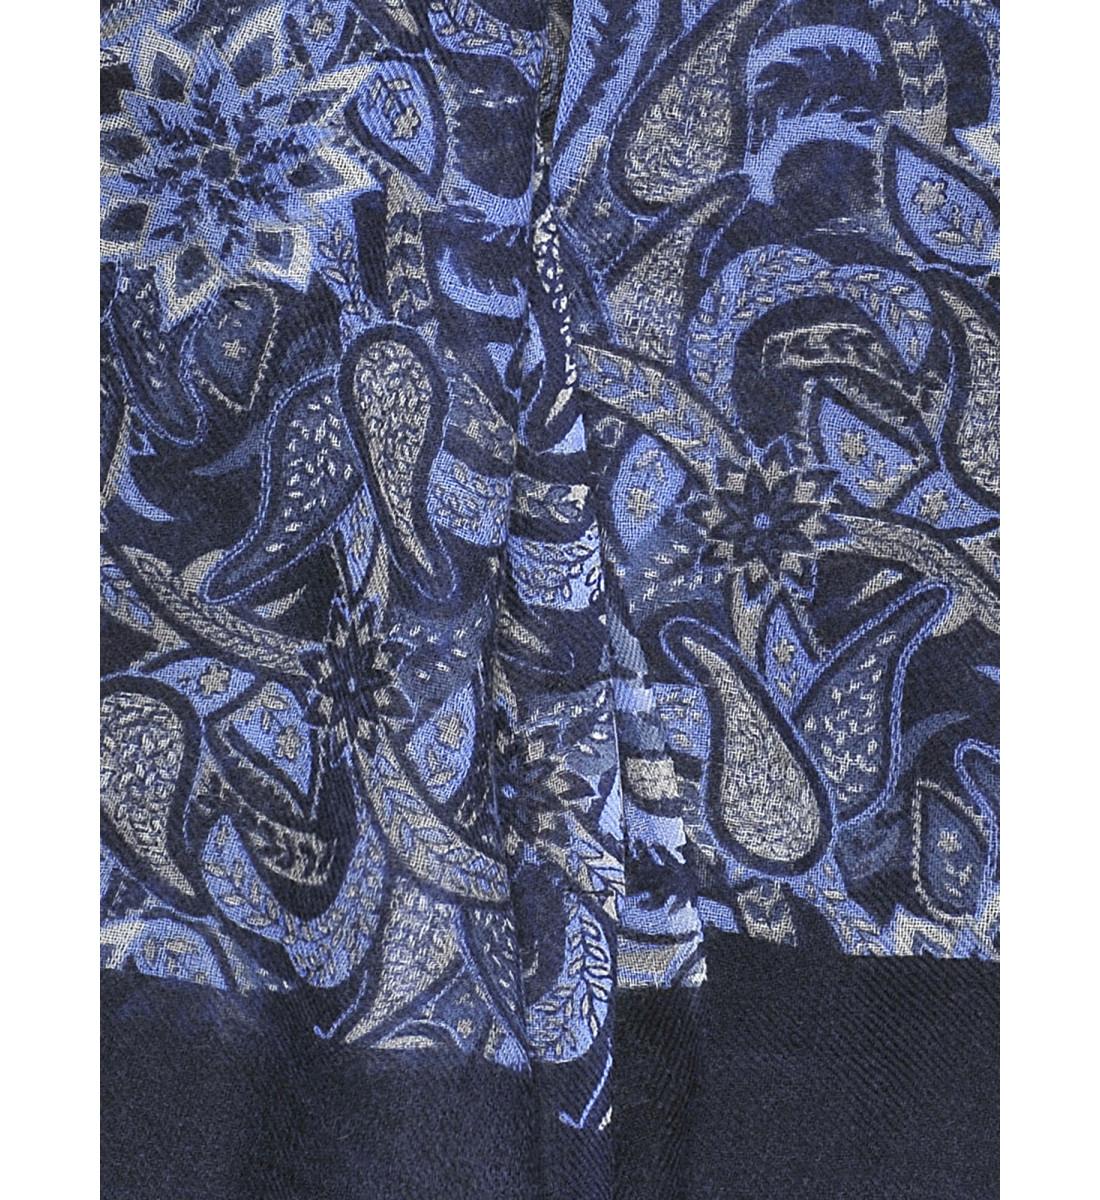 Echarpe fantaisie imprimé floral BLEU